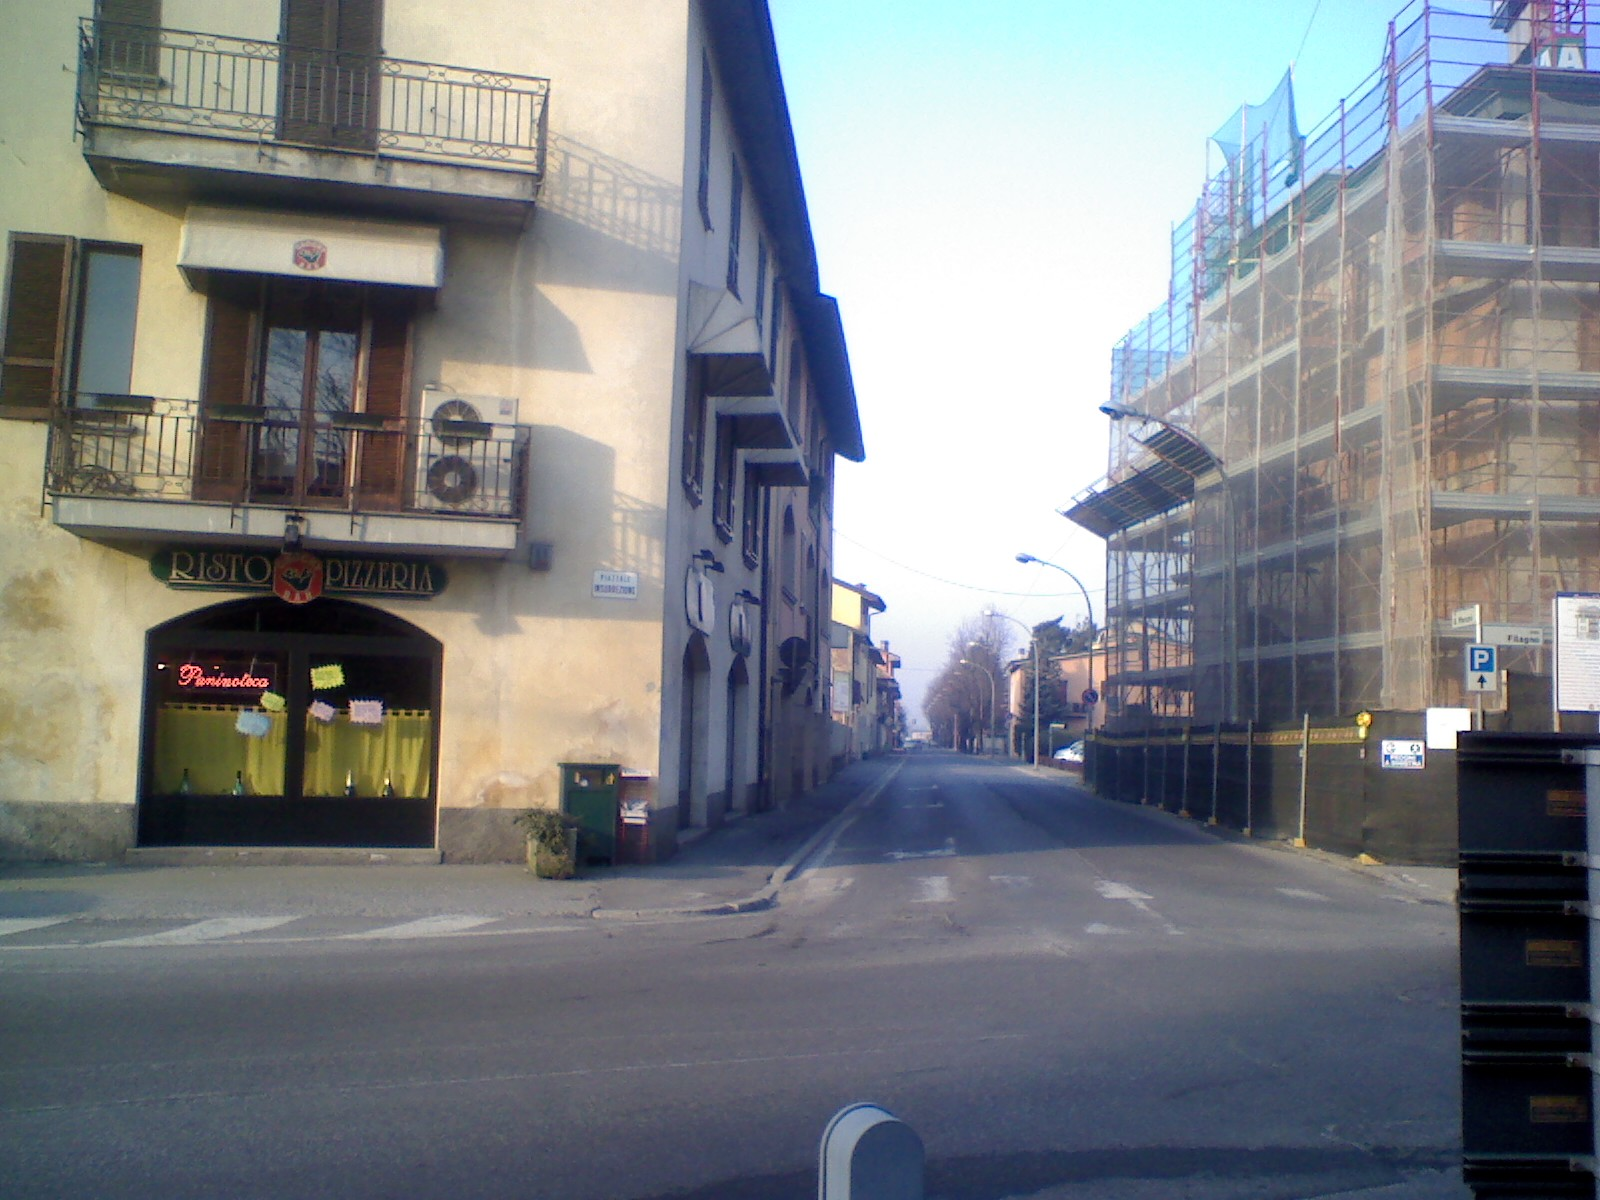 Area 51 Treviglio file:centuriation in treviglio - wikimedia commons